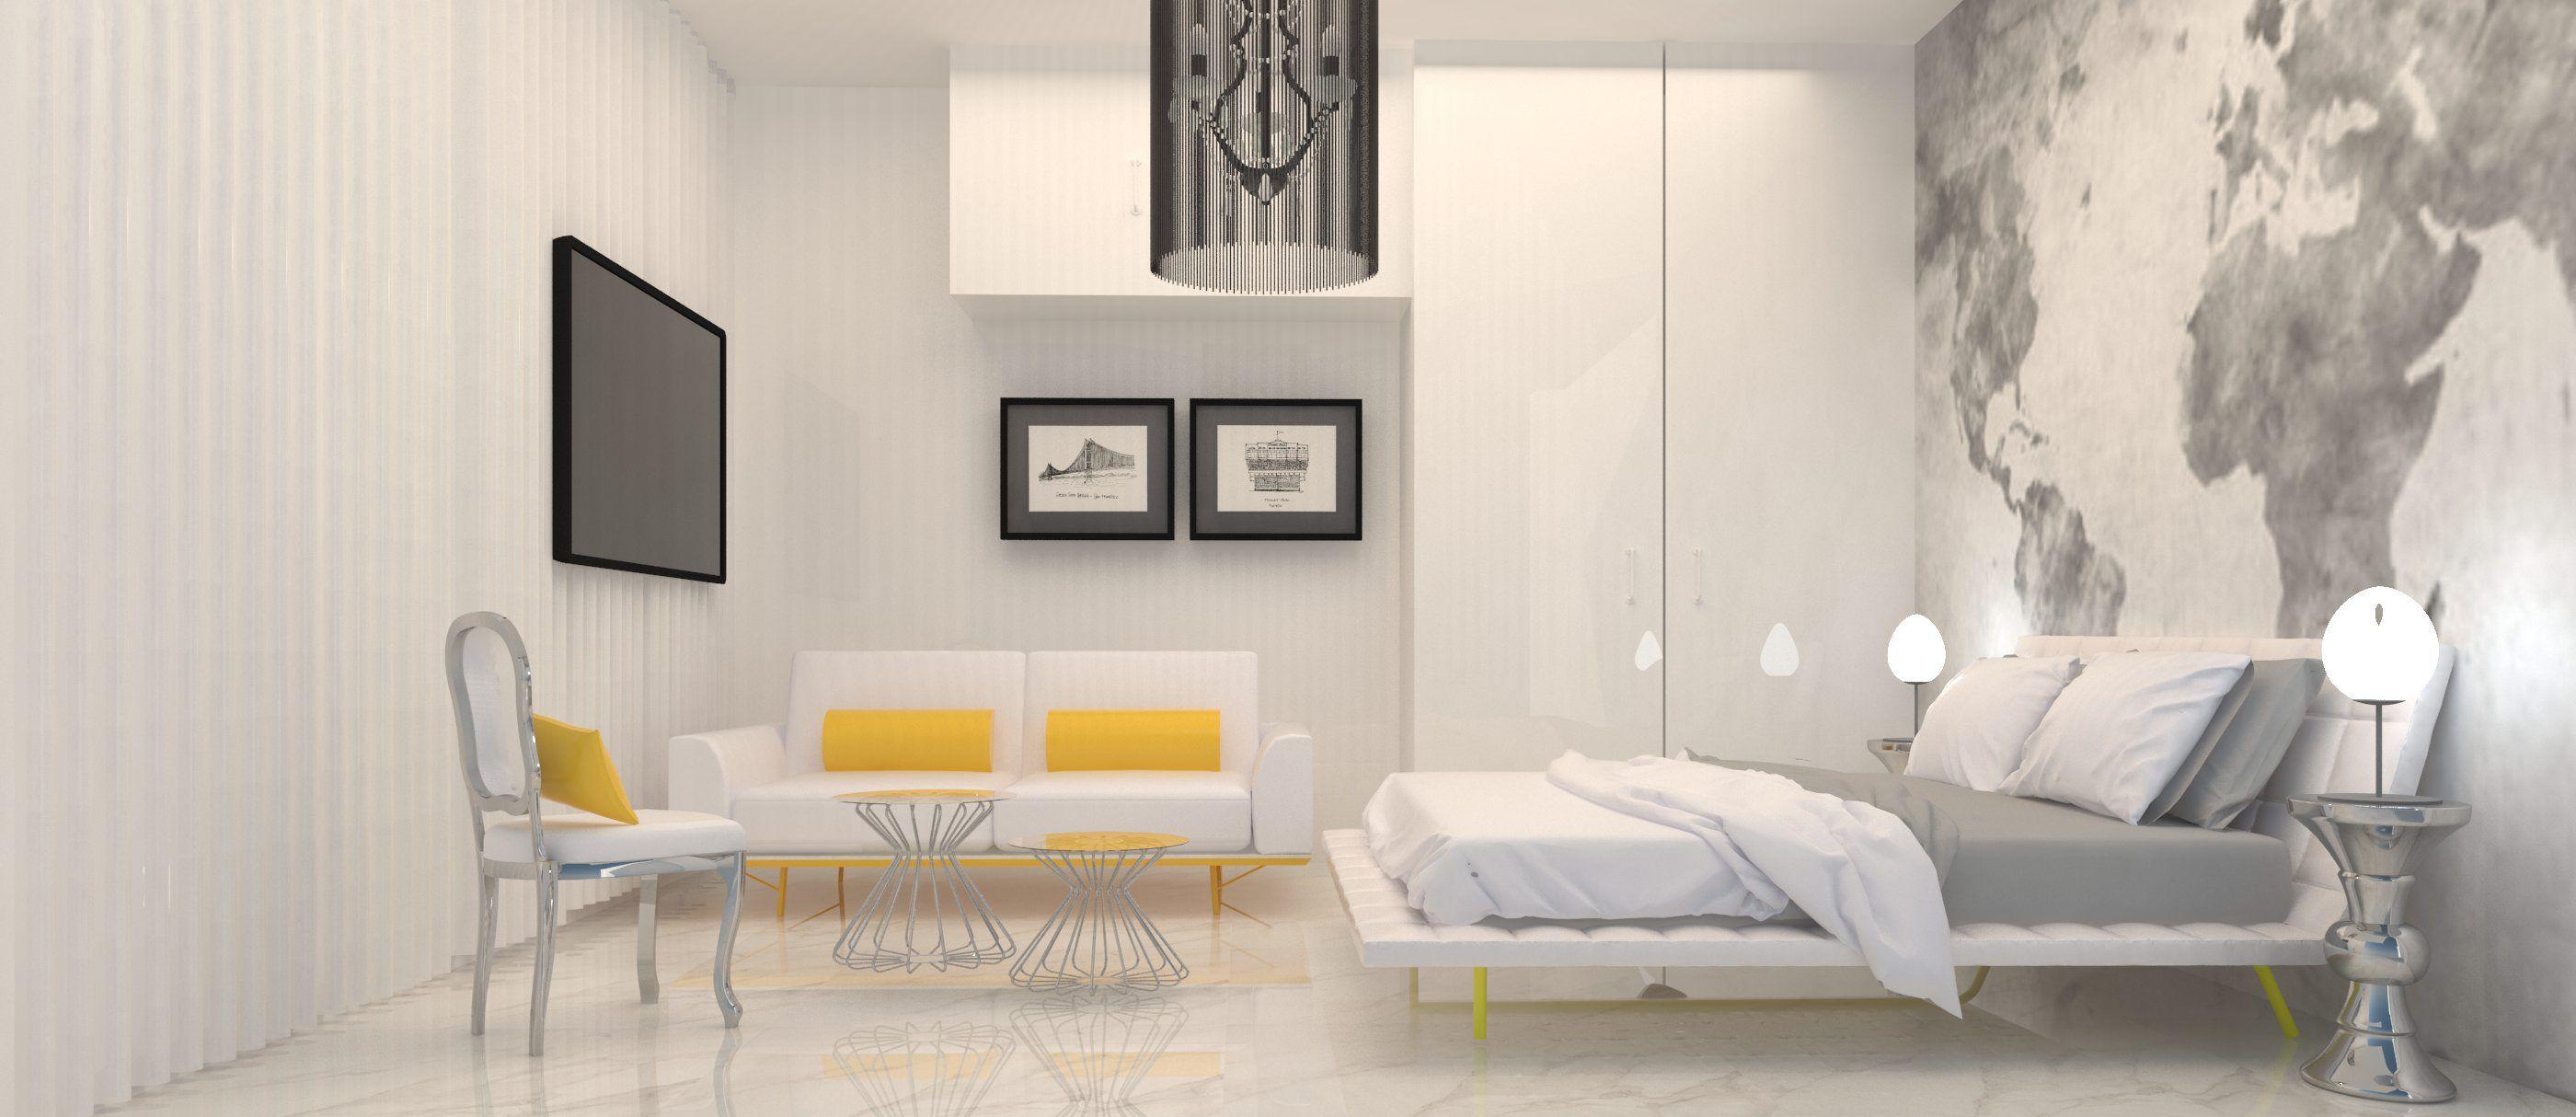 #interiordesign #sketchup #bedroom #rendering #architecture #kmutt #soa+d #hostelproject